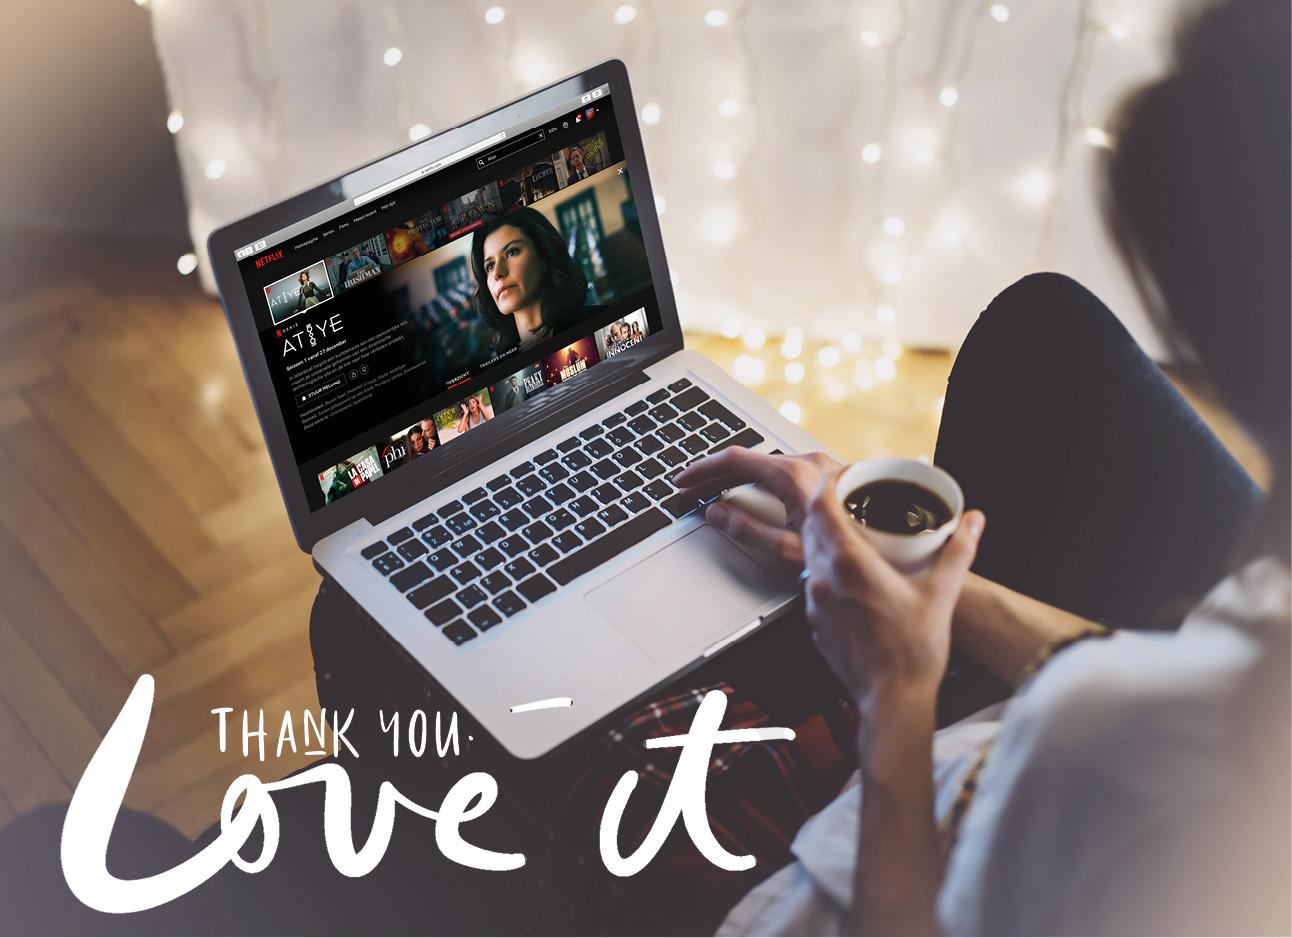 beeld uit de serie the gift op een laptop scherm